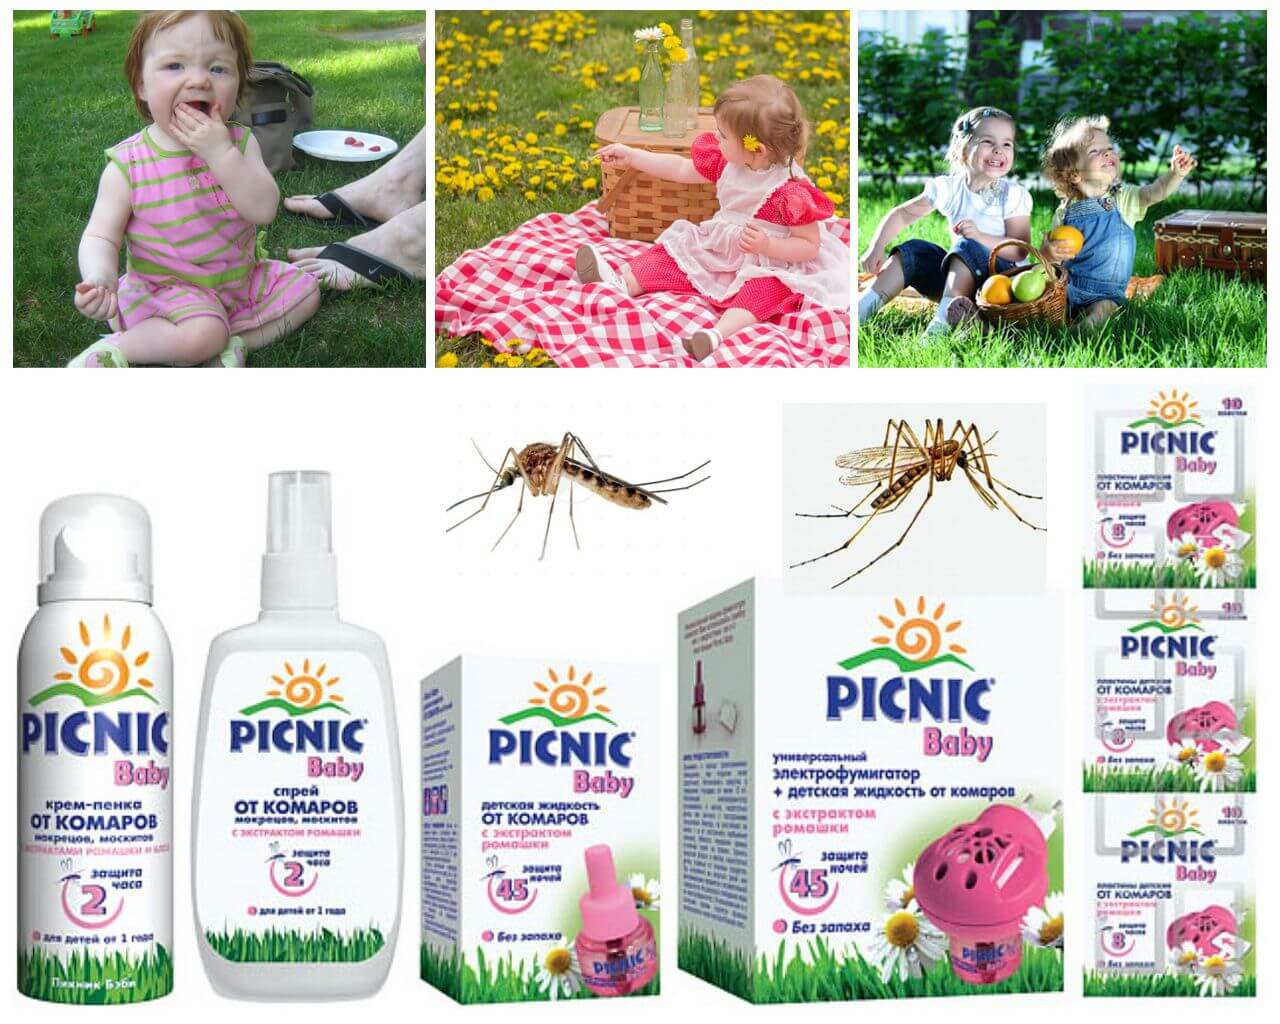 Picnic от комаров